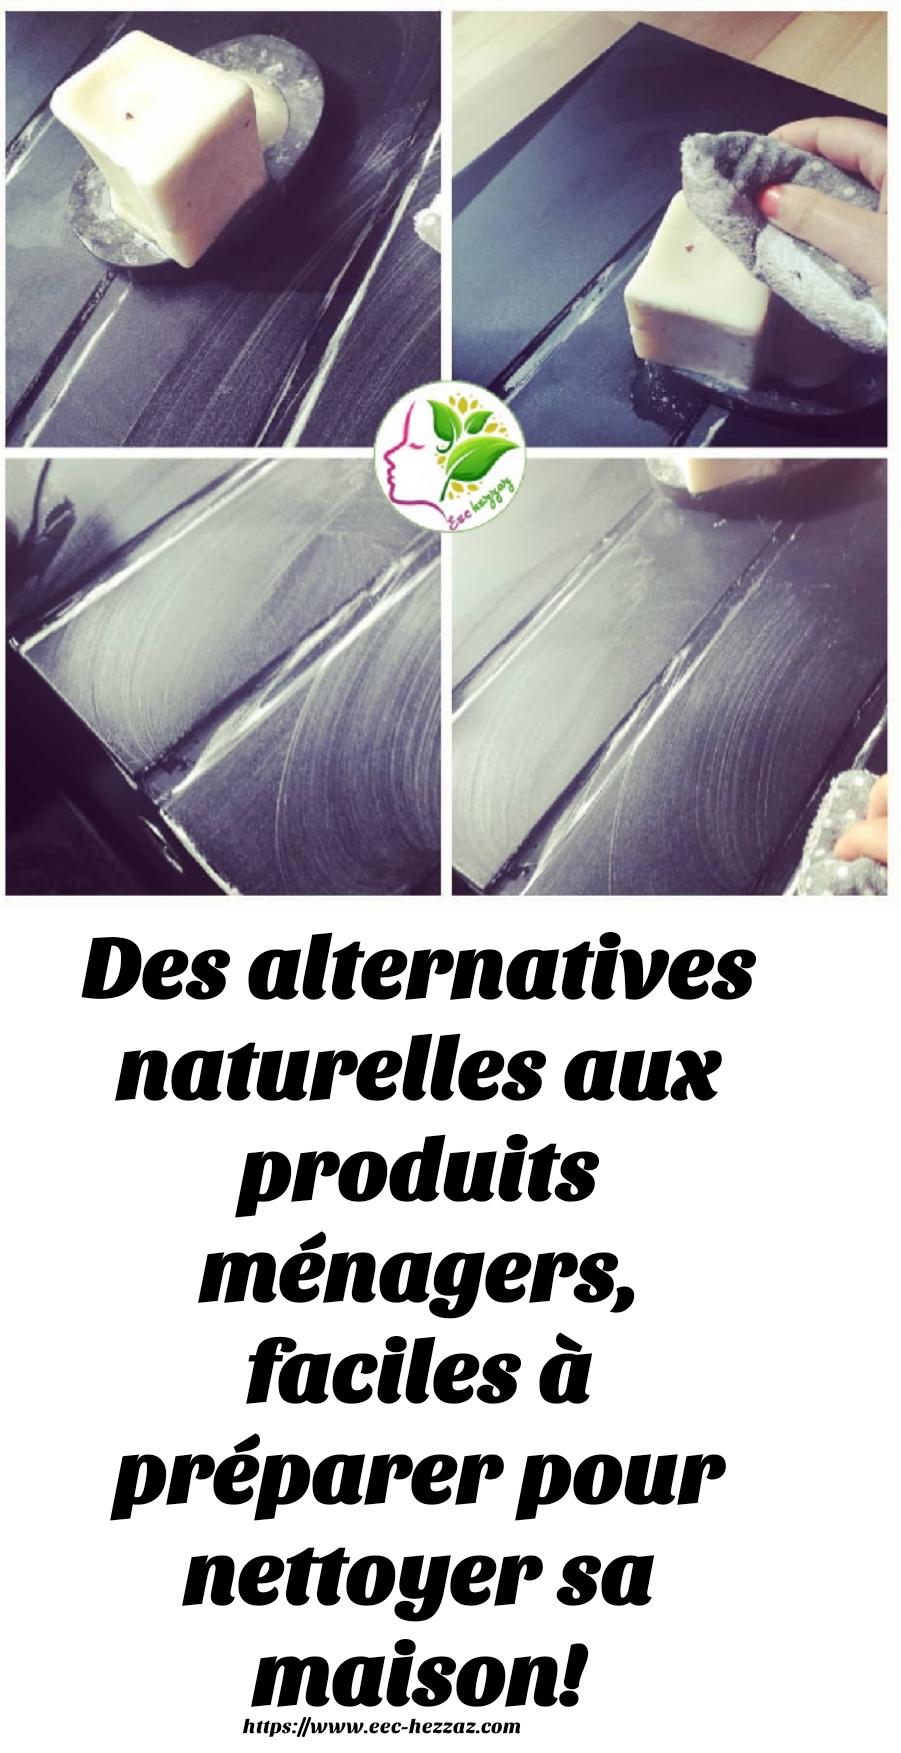 Des alternatives naturelles aux produits ménagers, faciles à préparer pour nettoyer sa maison!